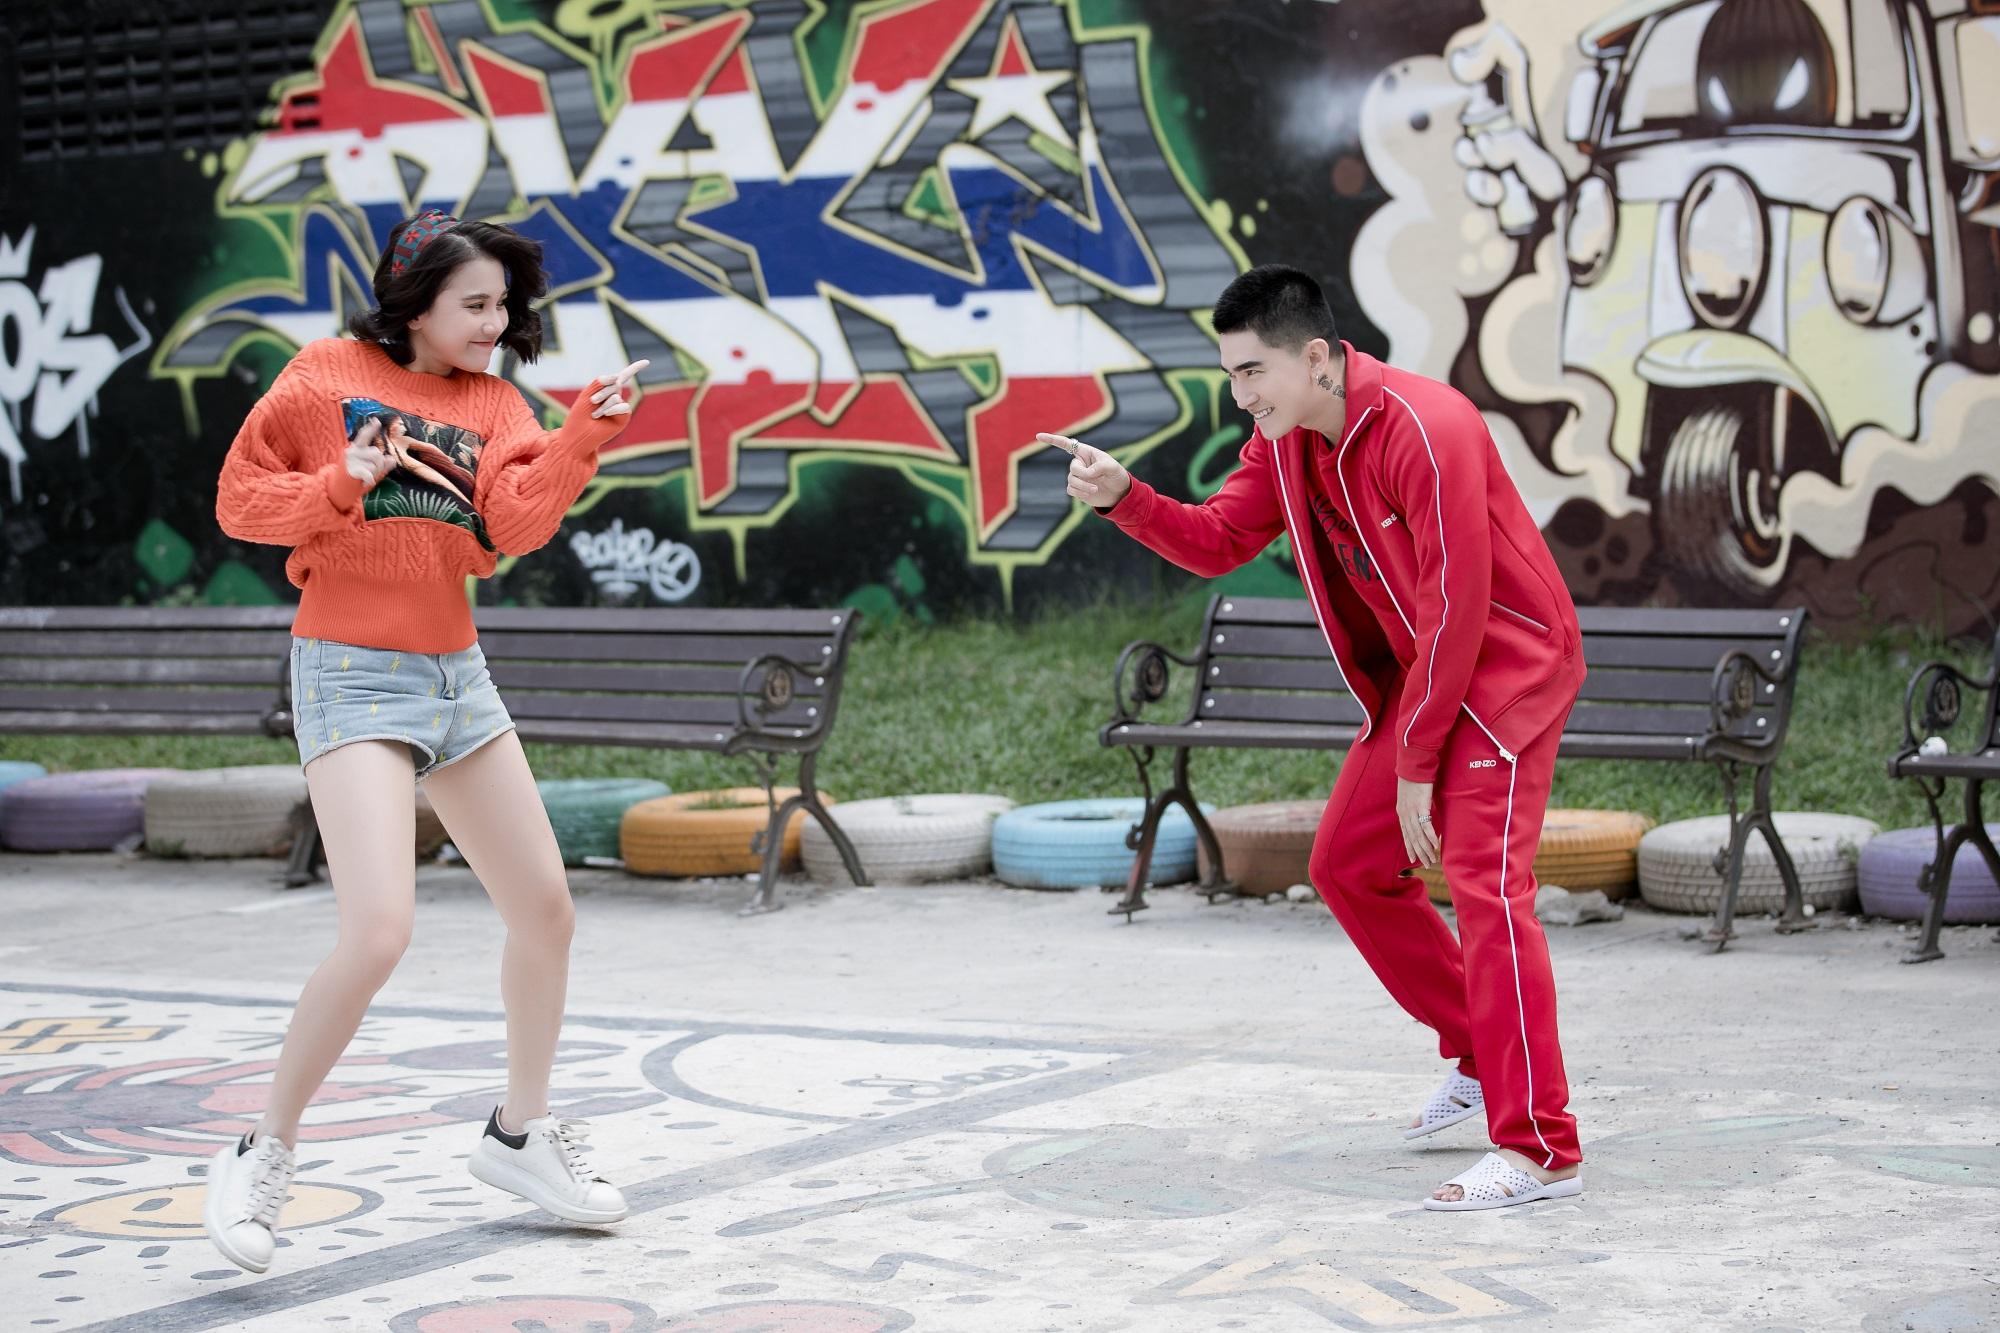 Chi Dân hé lộ hậu trường 'siêu bựa' tặng fans sau khi MV mới ra mắt được ủng hộ nhiệt tình - Ảnh 5